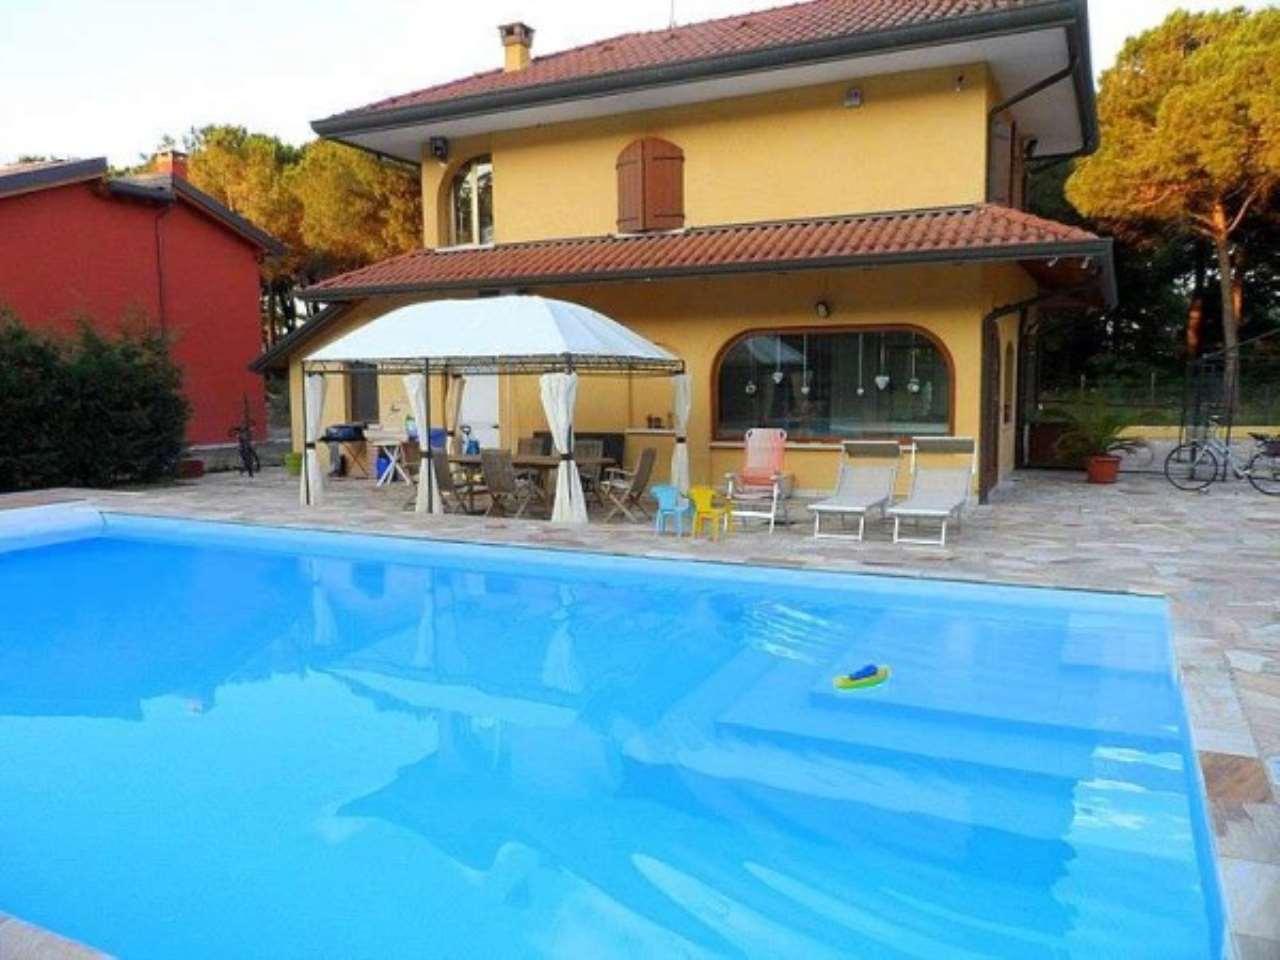 Villa in vendita a Chioggia, 5 locali, prezzo € 350.000 | CambioCasa.it